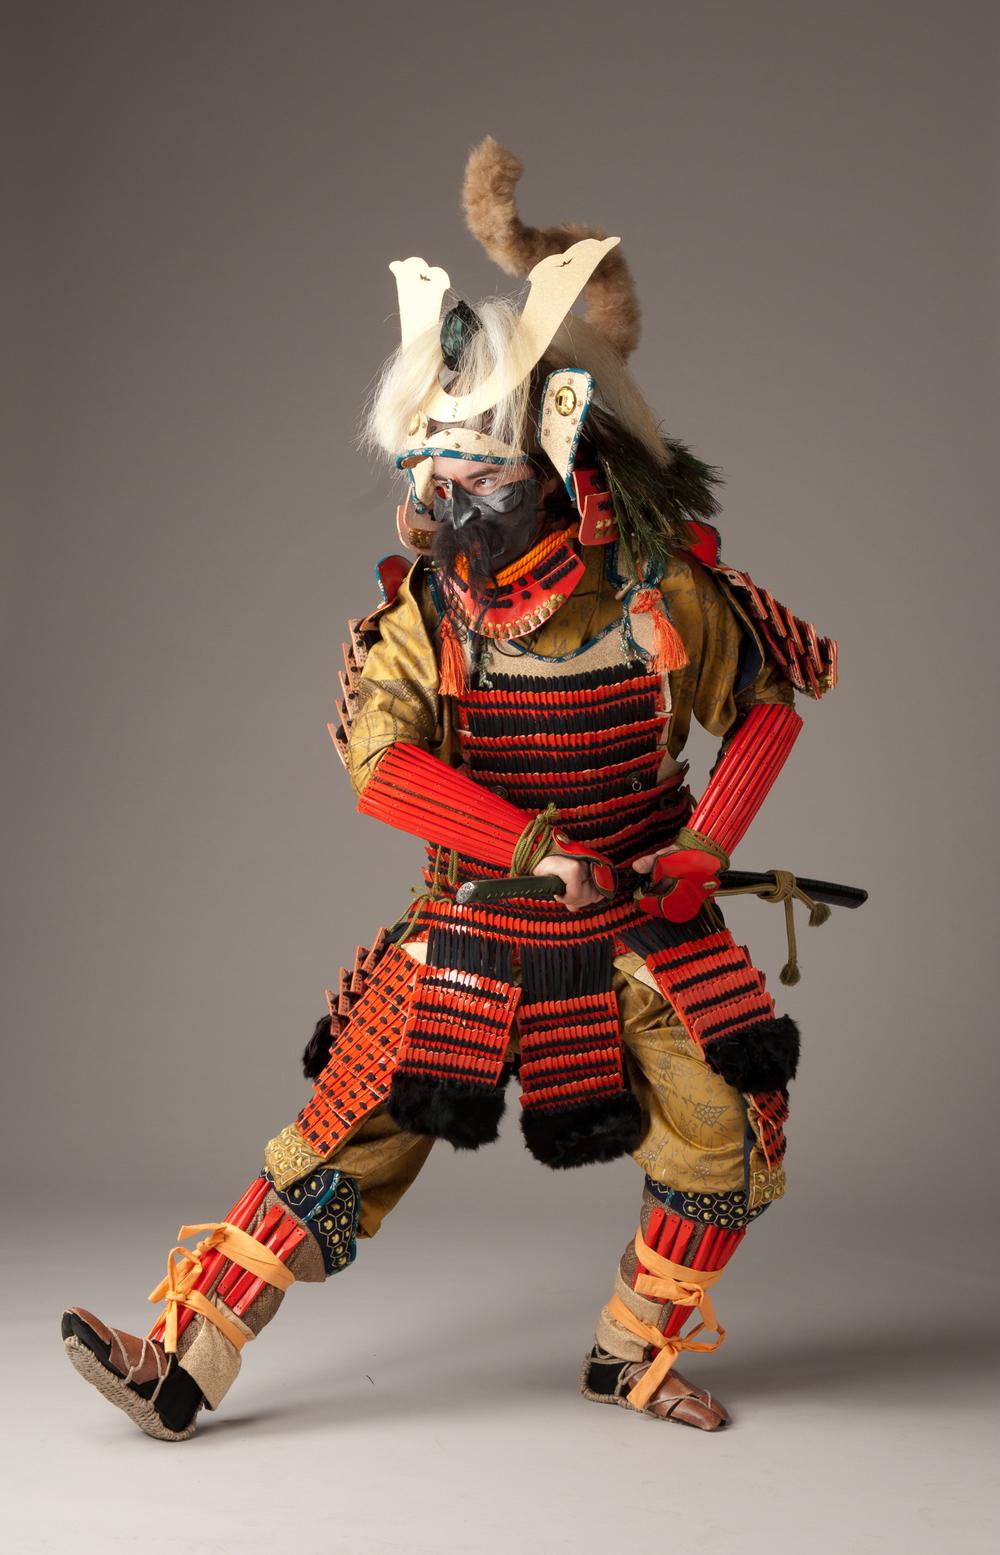 Samurai Costume Replica Model: Remi Walsarie